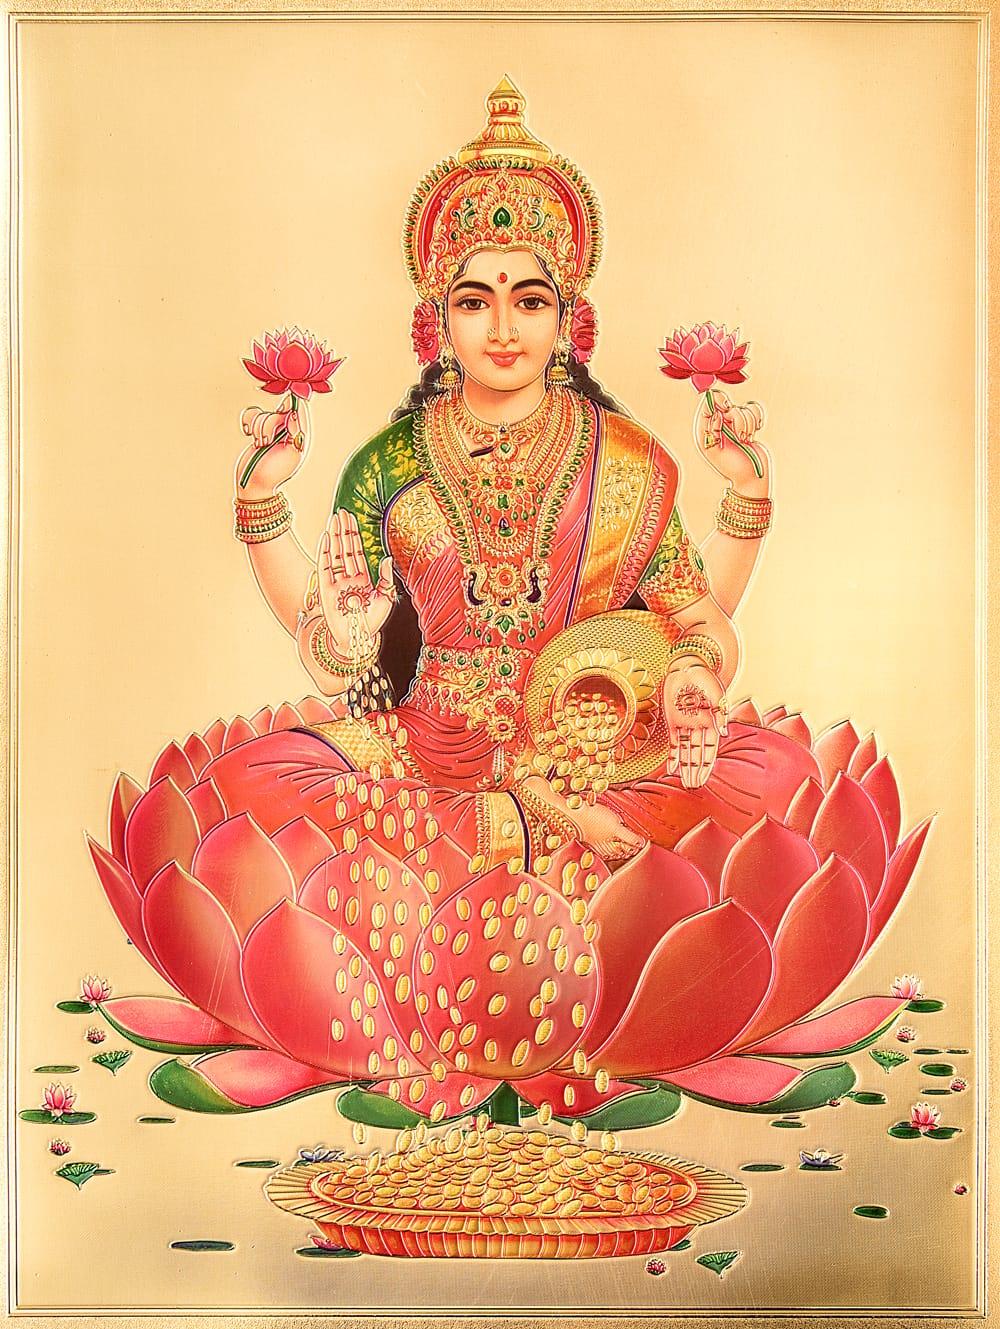 〔約40cm×約30cm〕インドのヒンドゥー神様ゴールドポスター - ラクシュミー 美と富の神様の写真